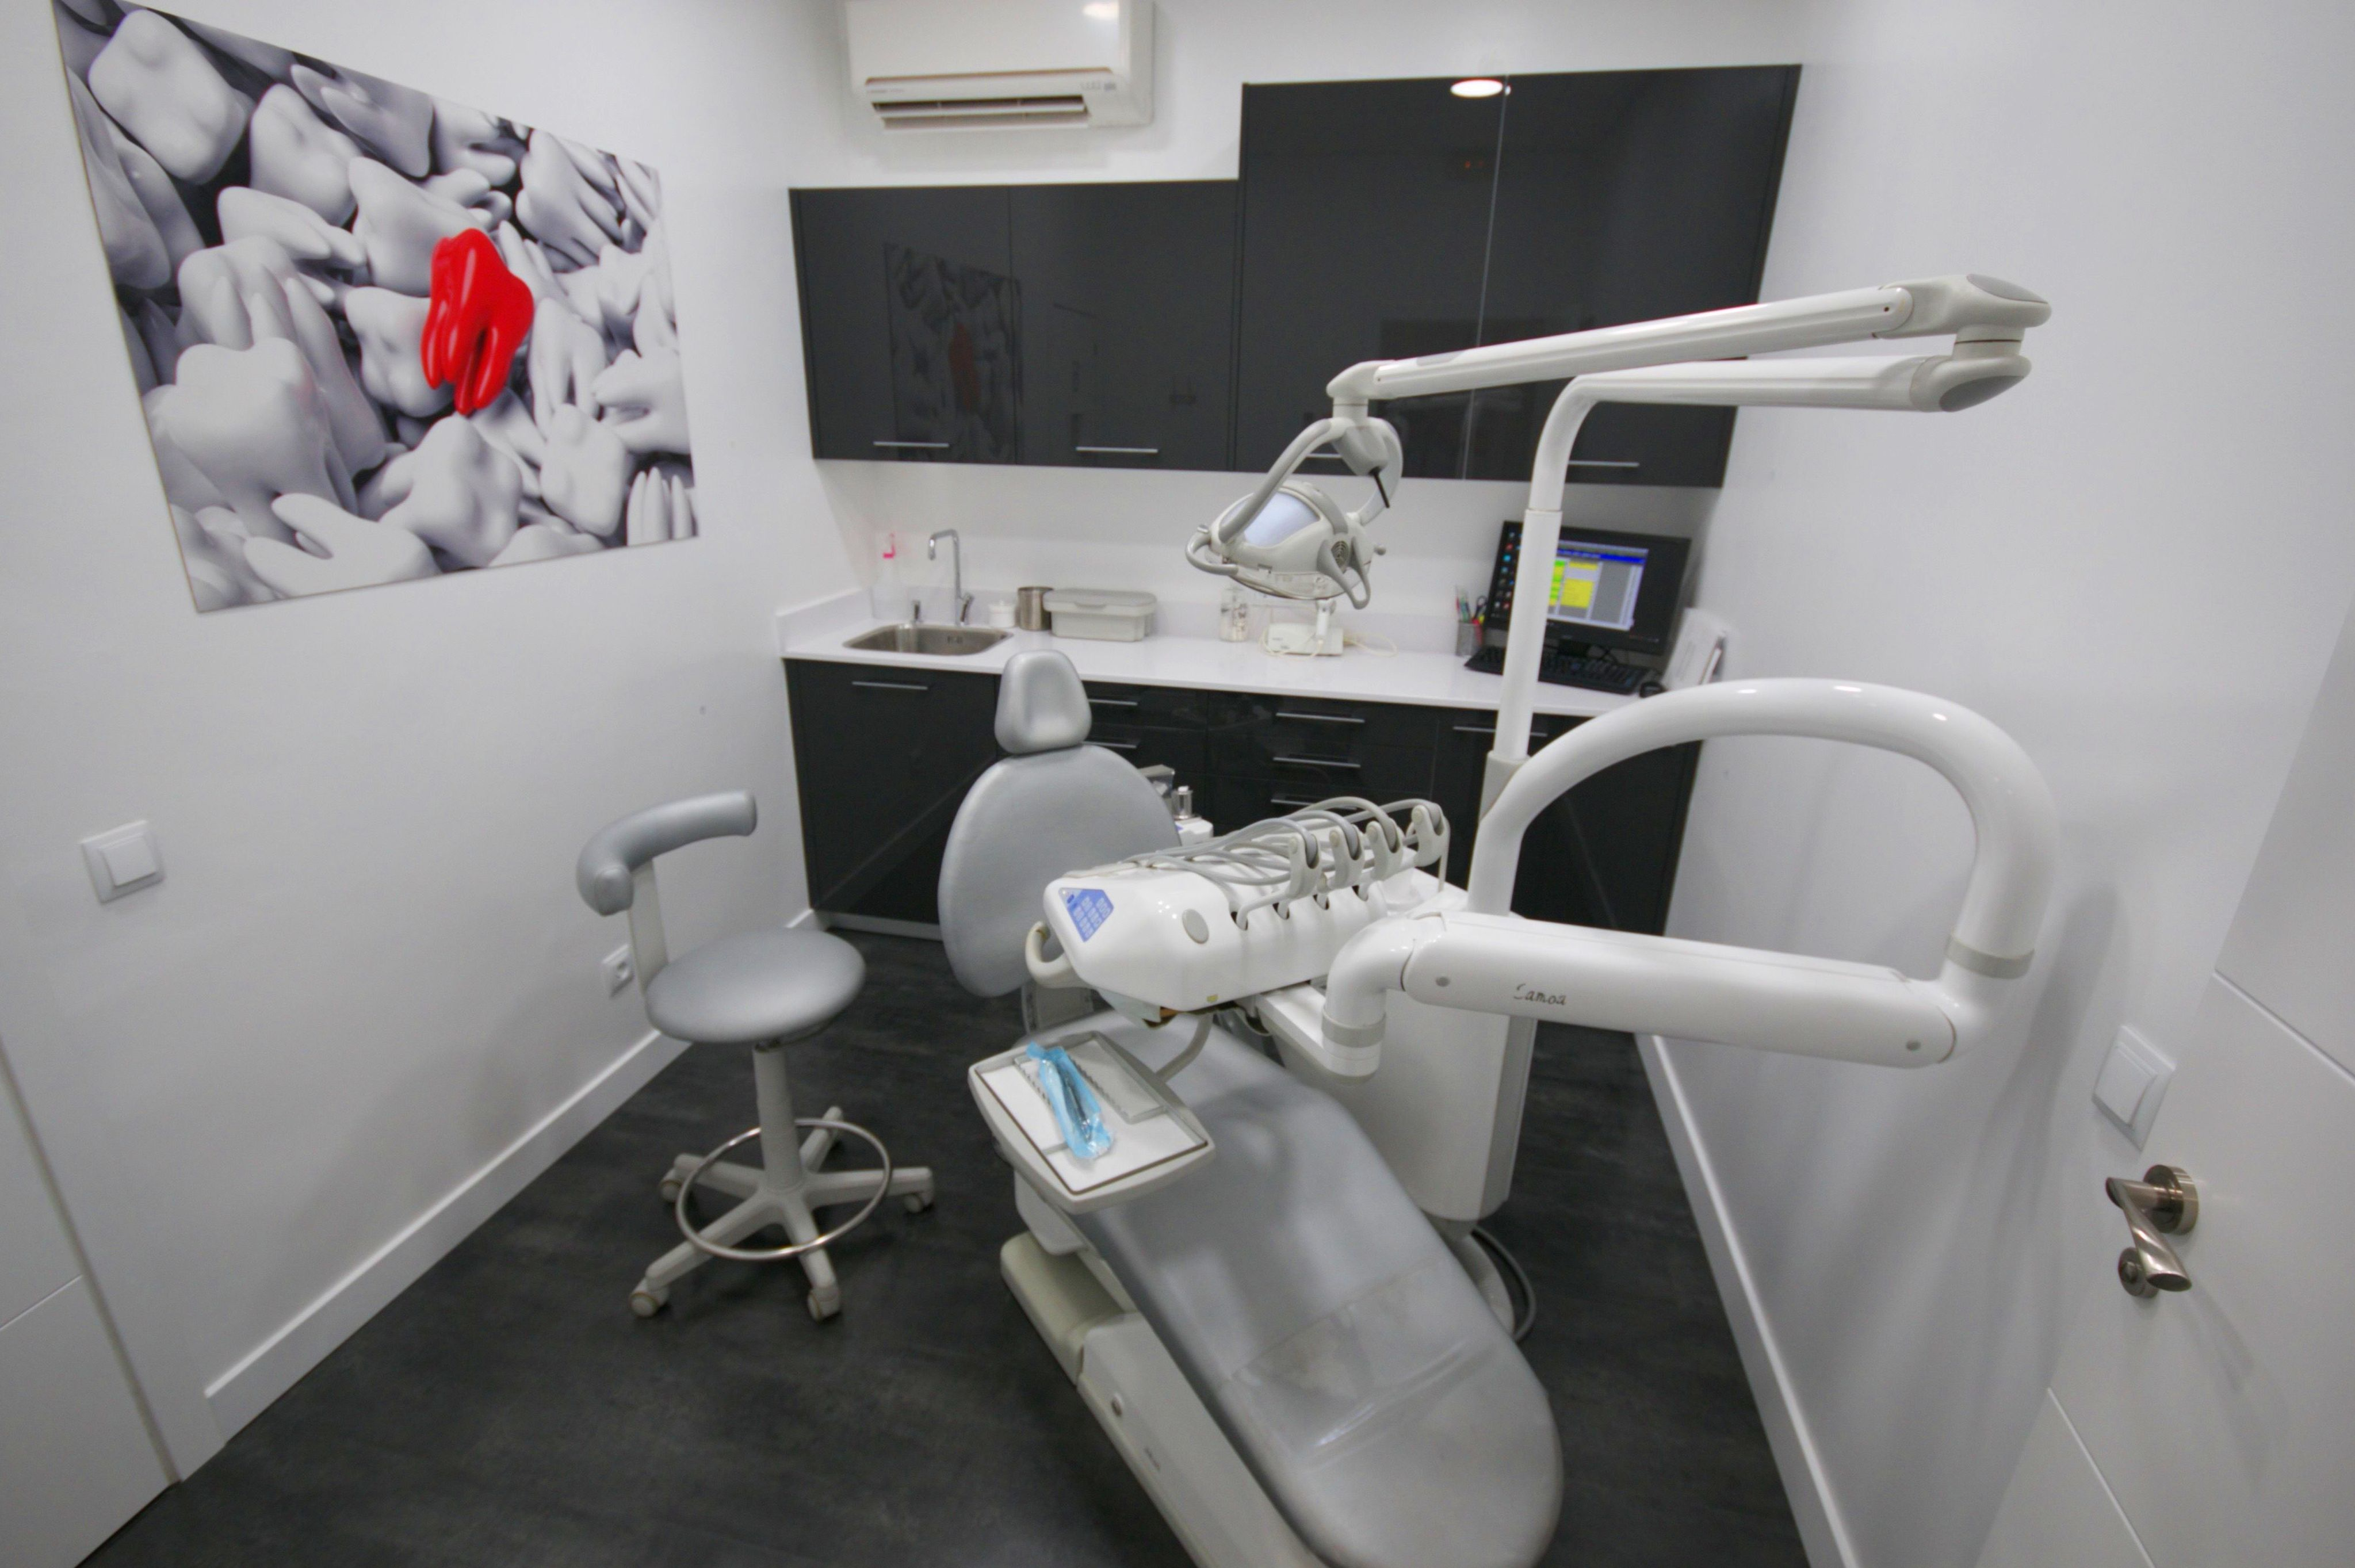 Foto 4 de Clínicas dentales en Madrid | Clínica Dental Morey